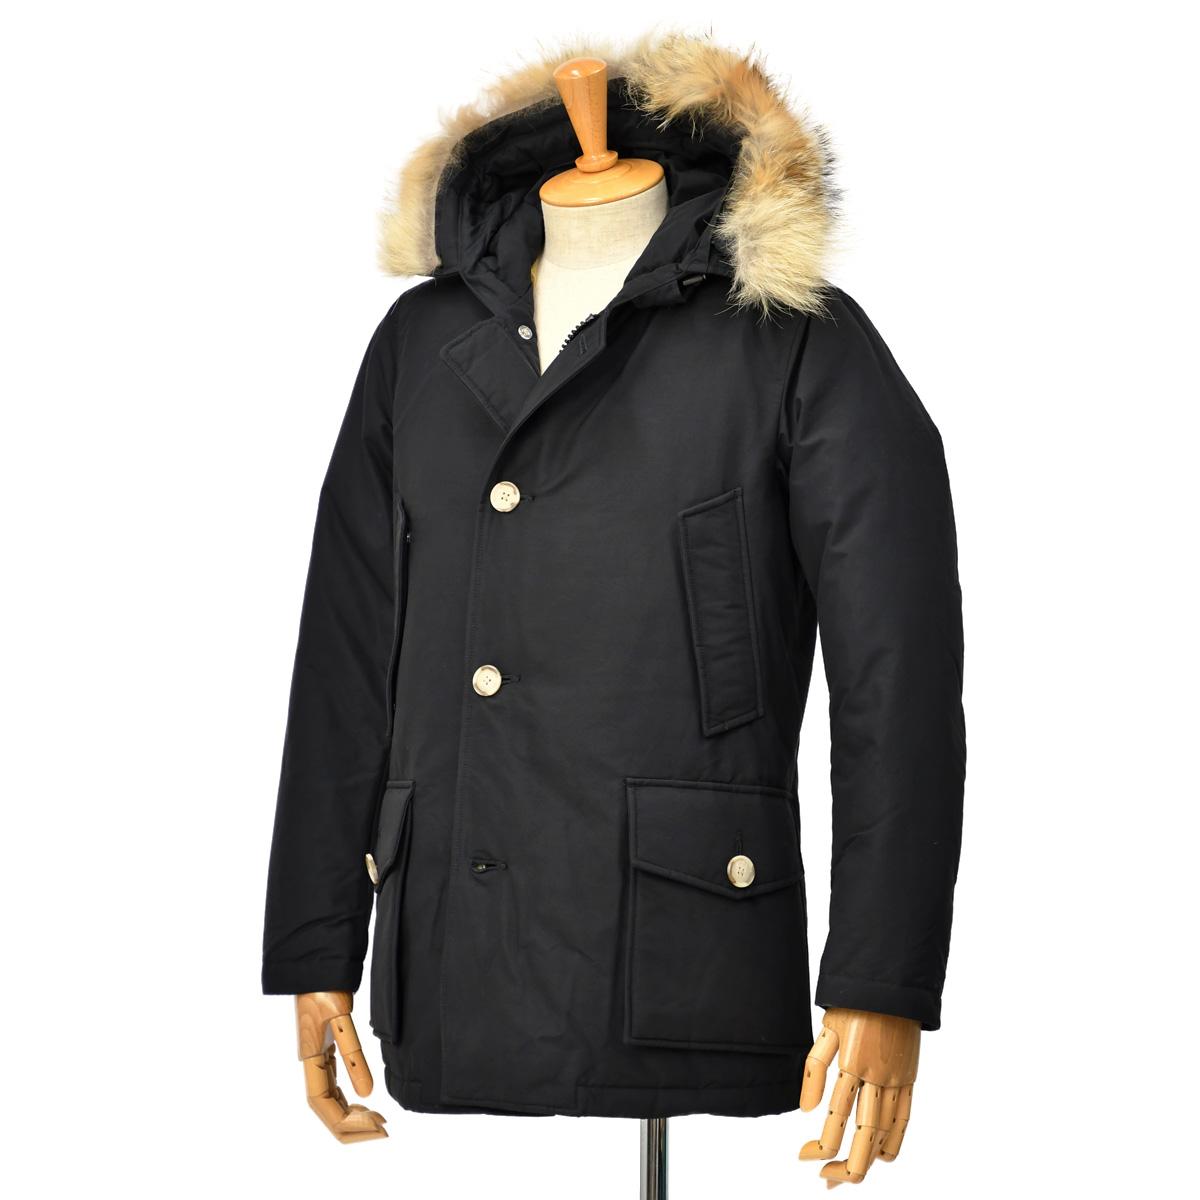 WOOLRICH【ウールリッチ】ダウンジャケット ARCTIC PARKA WOCPS2919 NEW BLACK ブラック